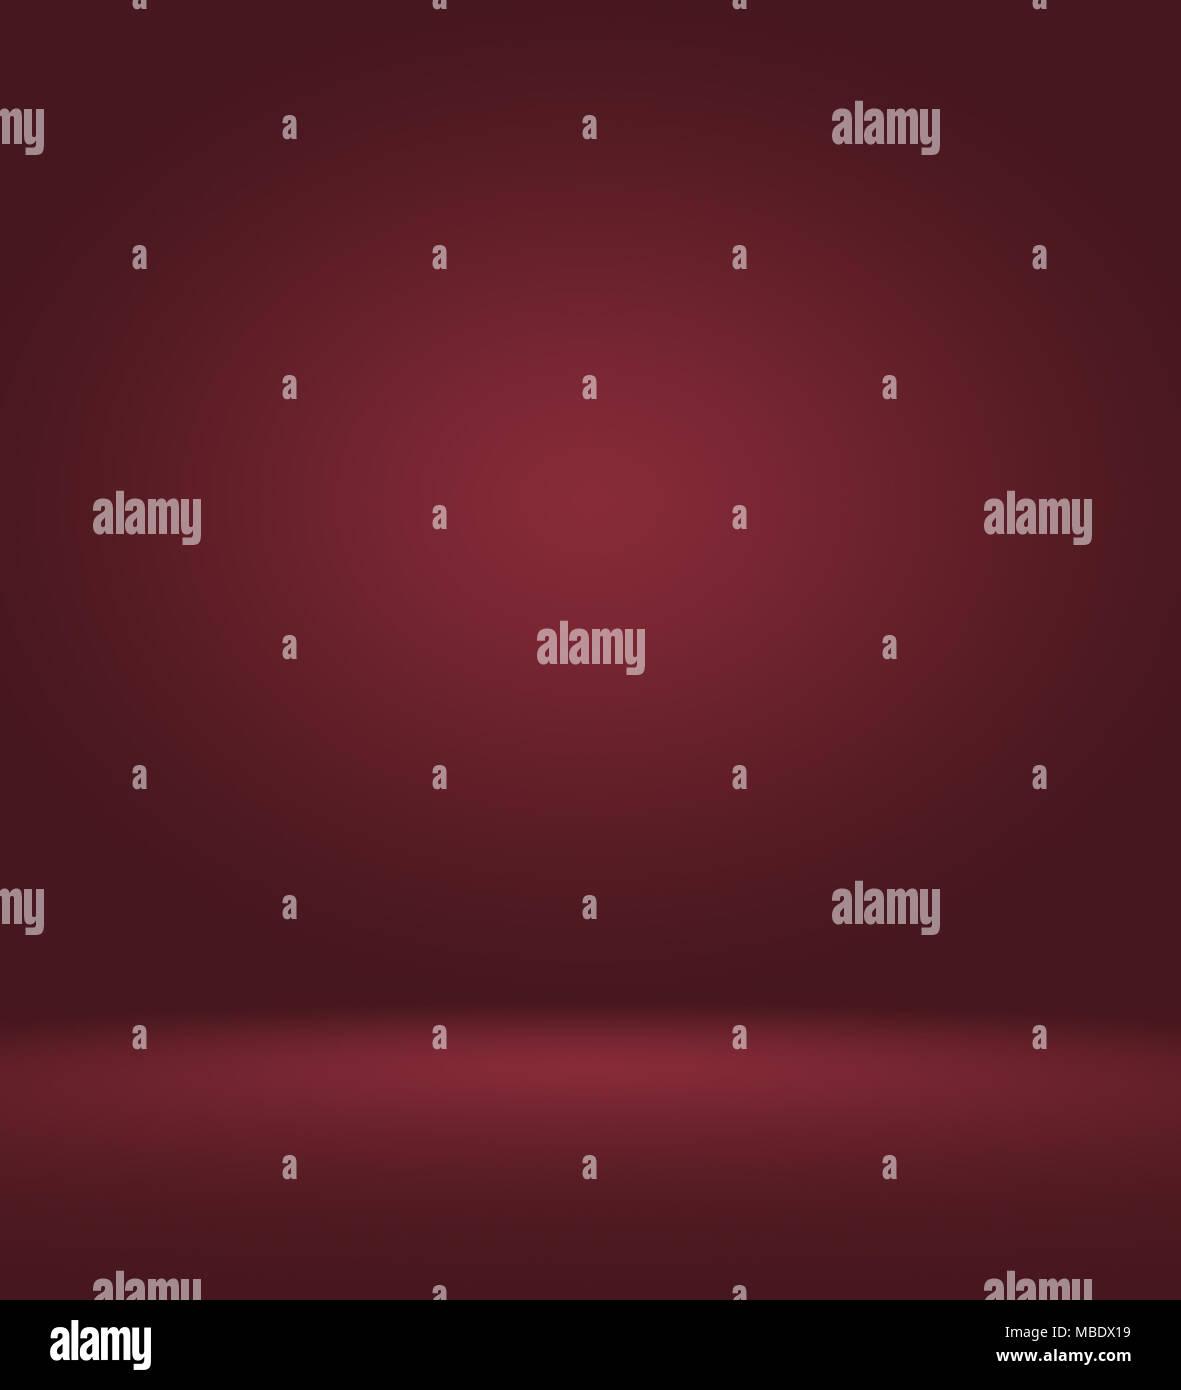 Fantastisch Abstrakt Rot Hintergrund Weihnachten Valentinstag Layout Design, Studio,  Zimmer, Web Template, Business Report Mit Glatten Kreis Gradient Farbe